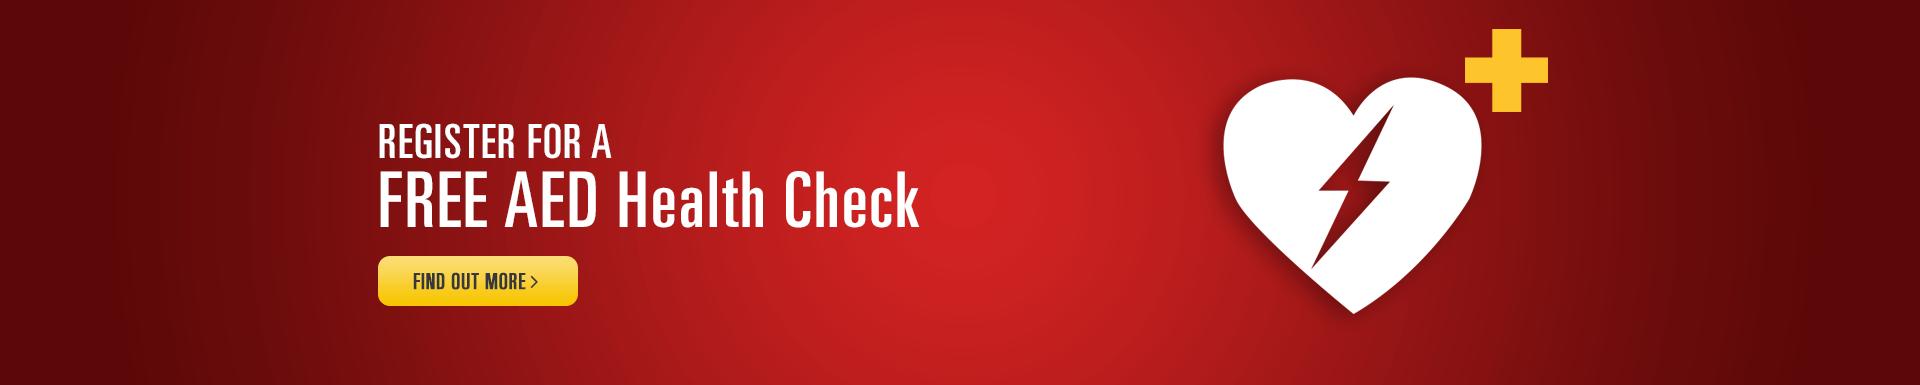 Defibrillator Health Check